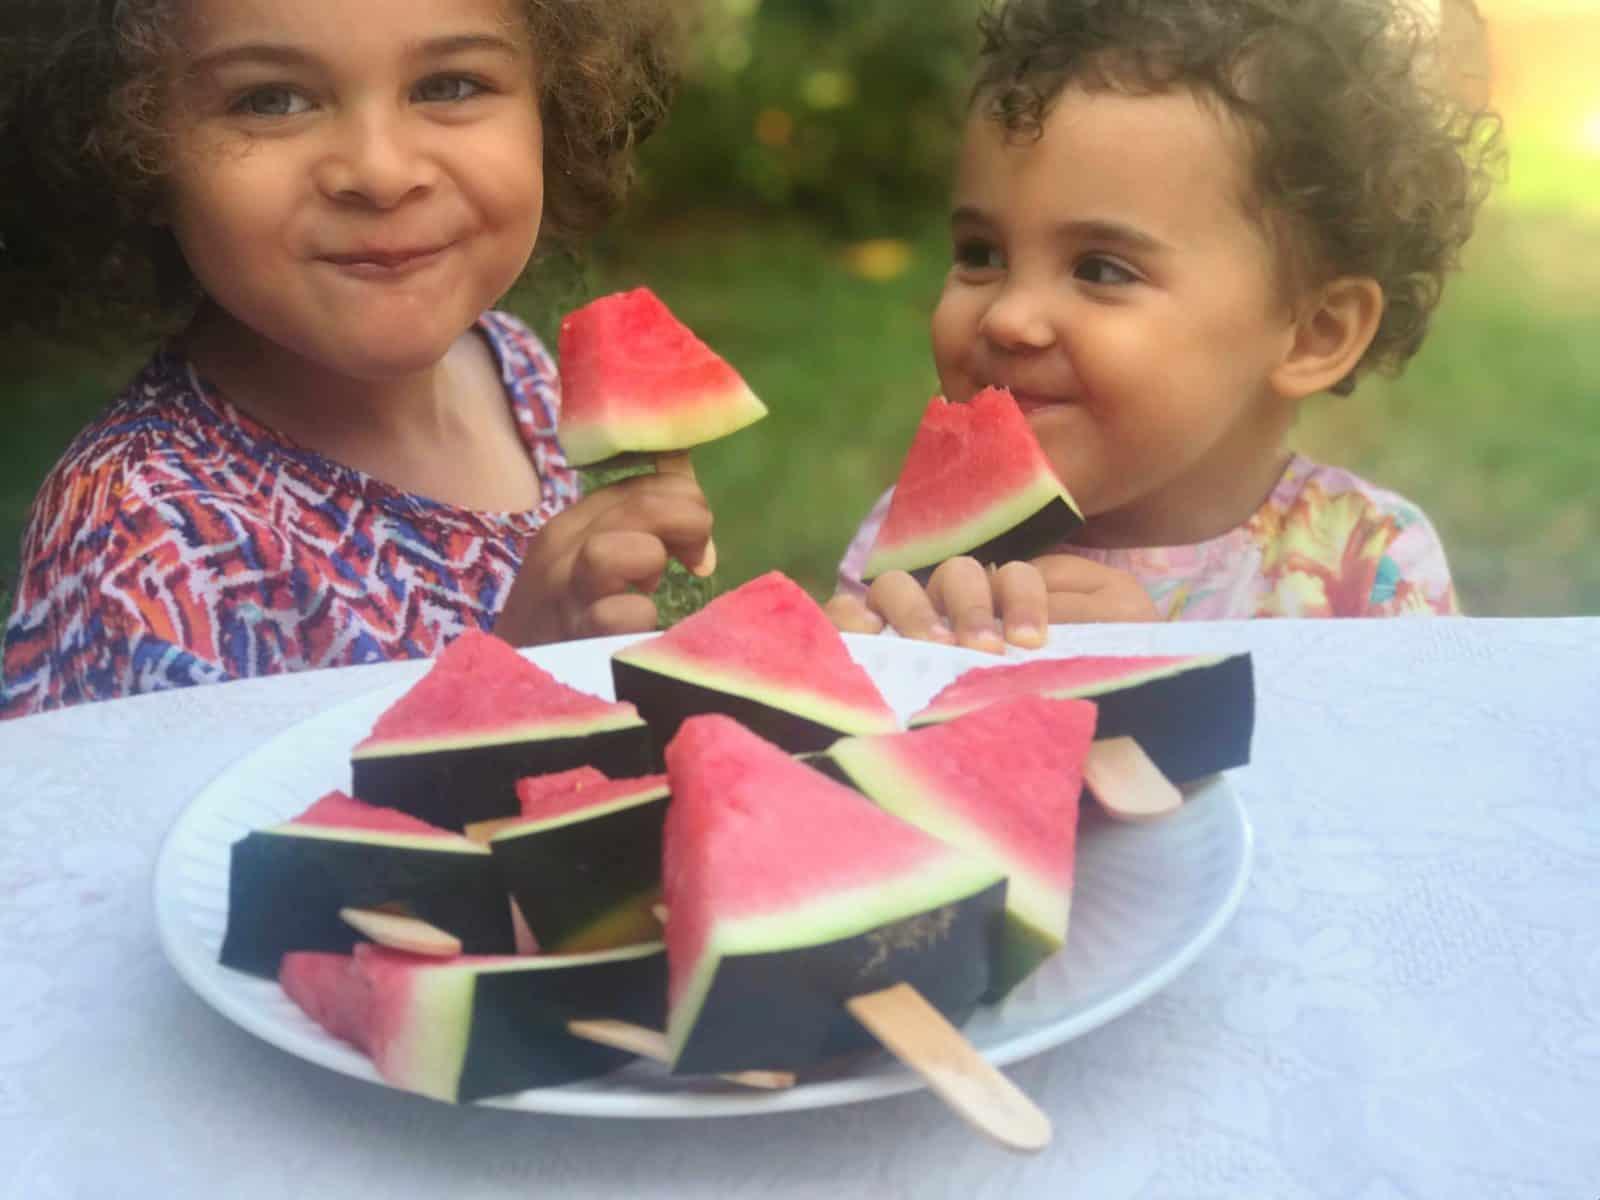 Ideias divertidas e saudáveis para a festa dos miúdos